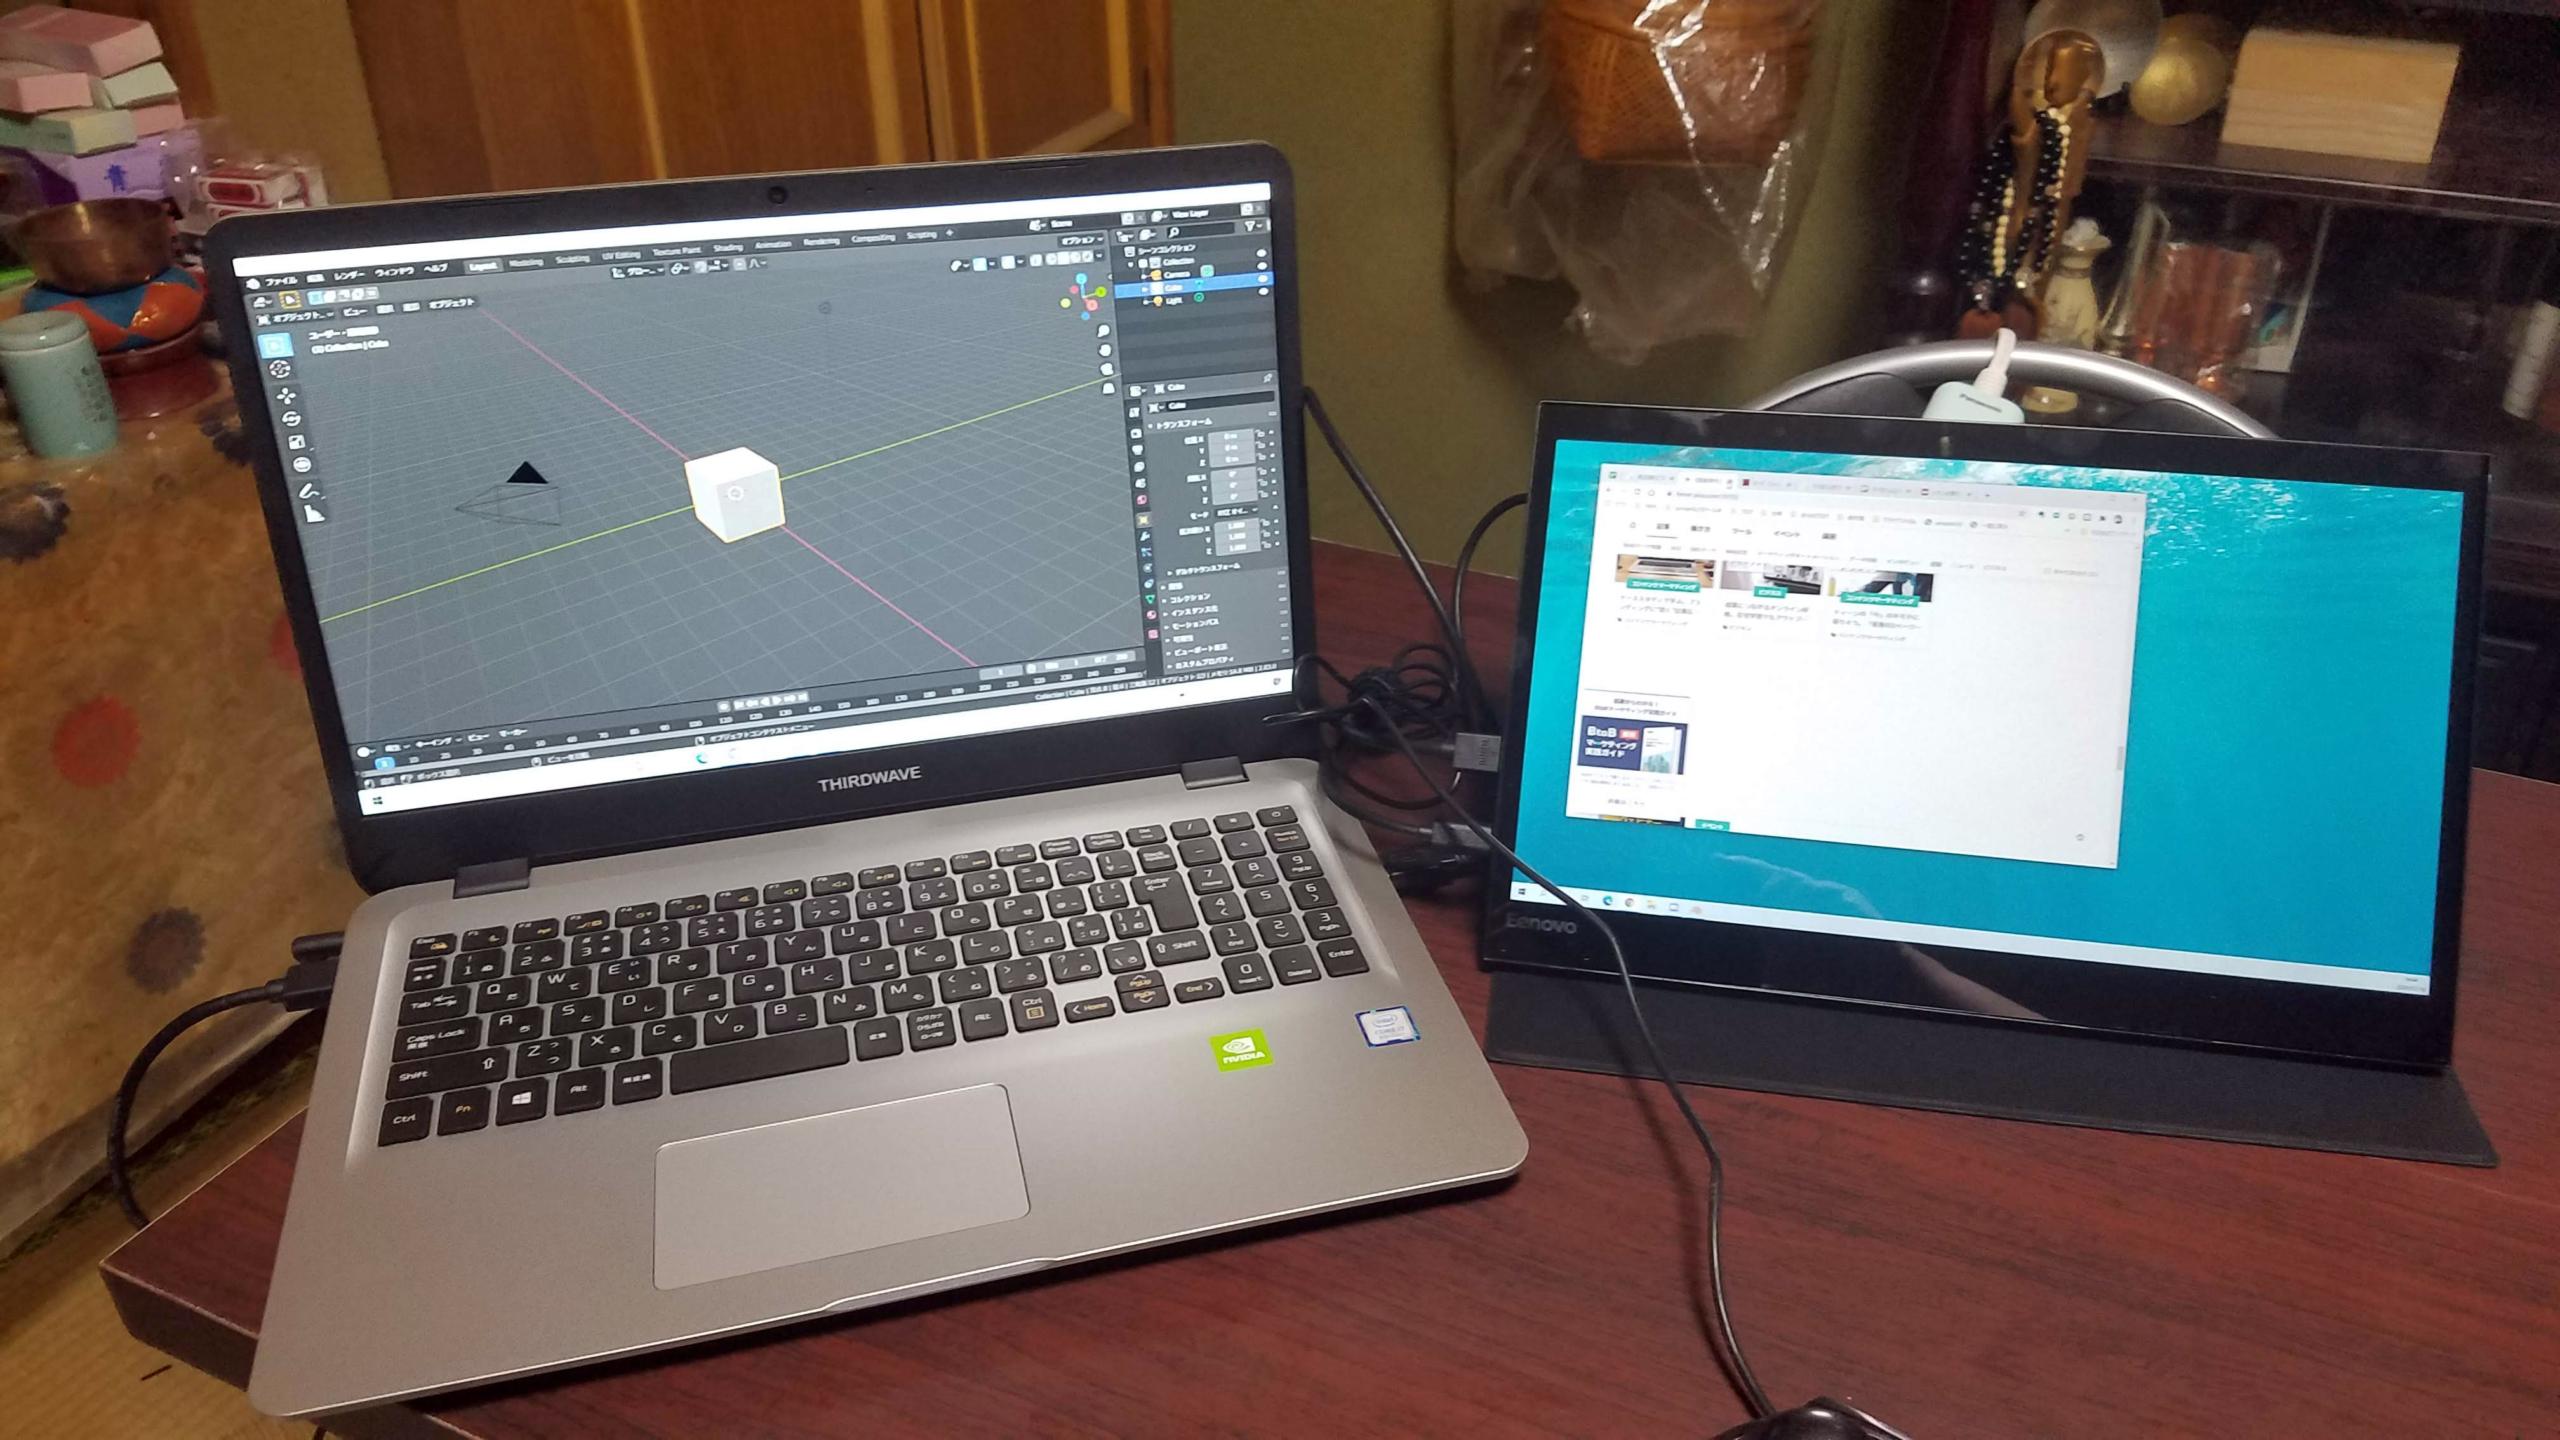 ノートパソコンもデュアルディスプレイになりました。